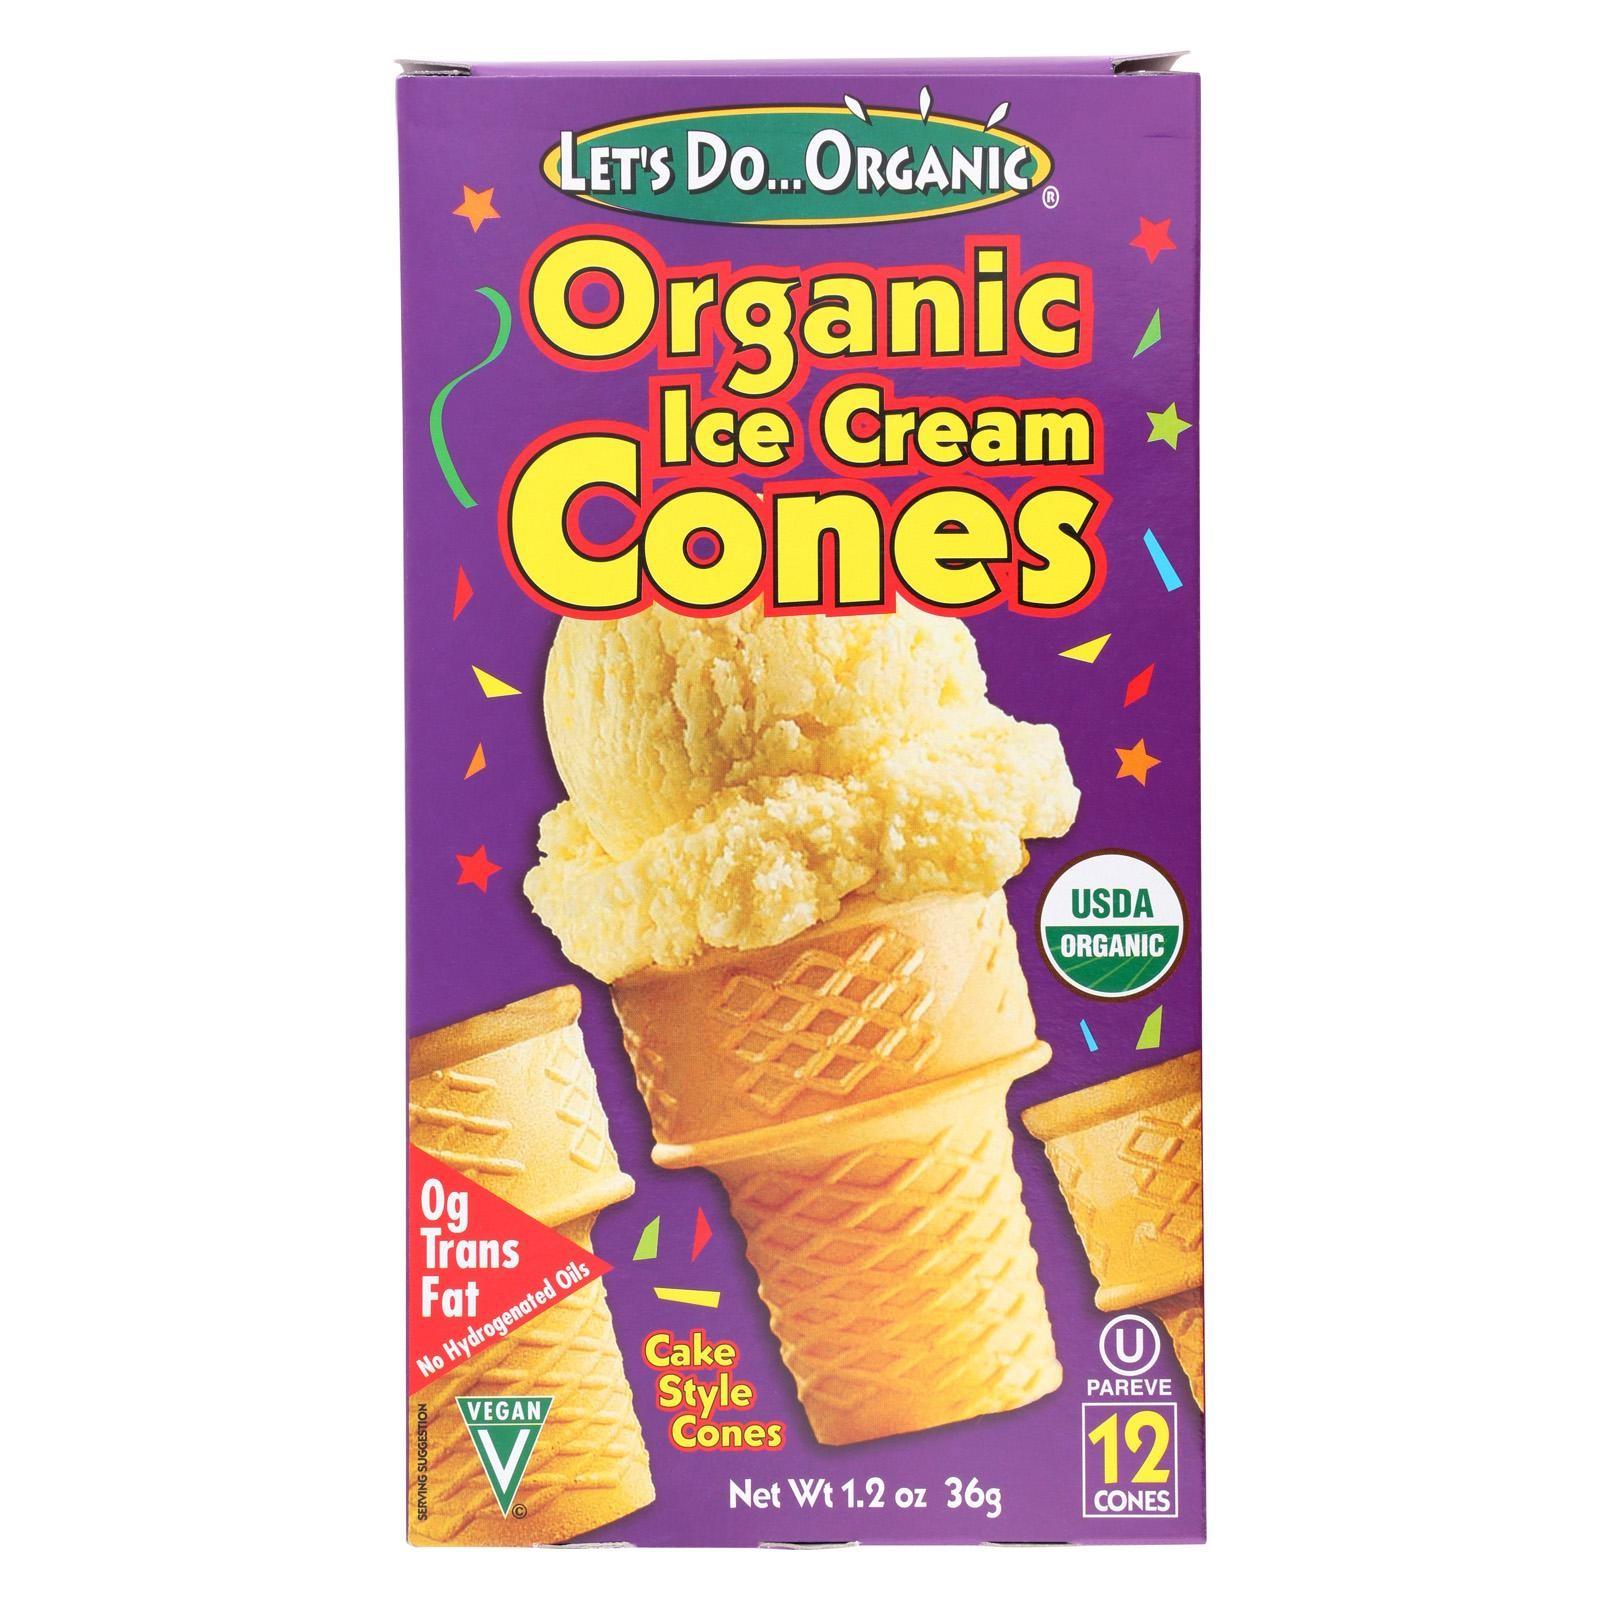 Let's Do Organics Ice Cream Cones - Organic - Pack of 12 - 1.2 Oz.